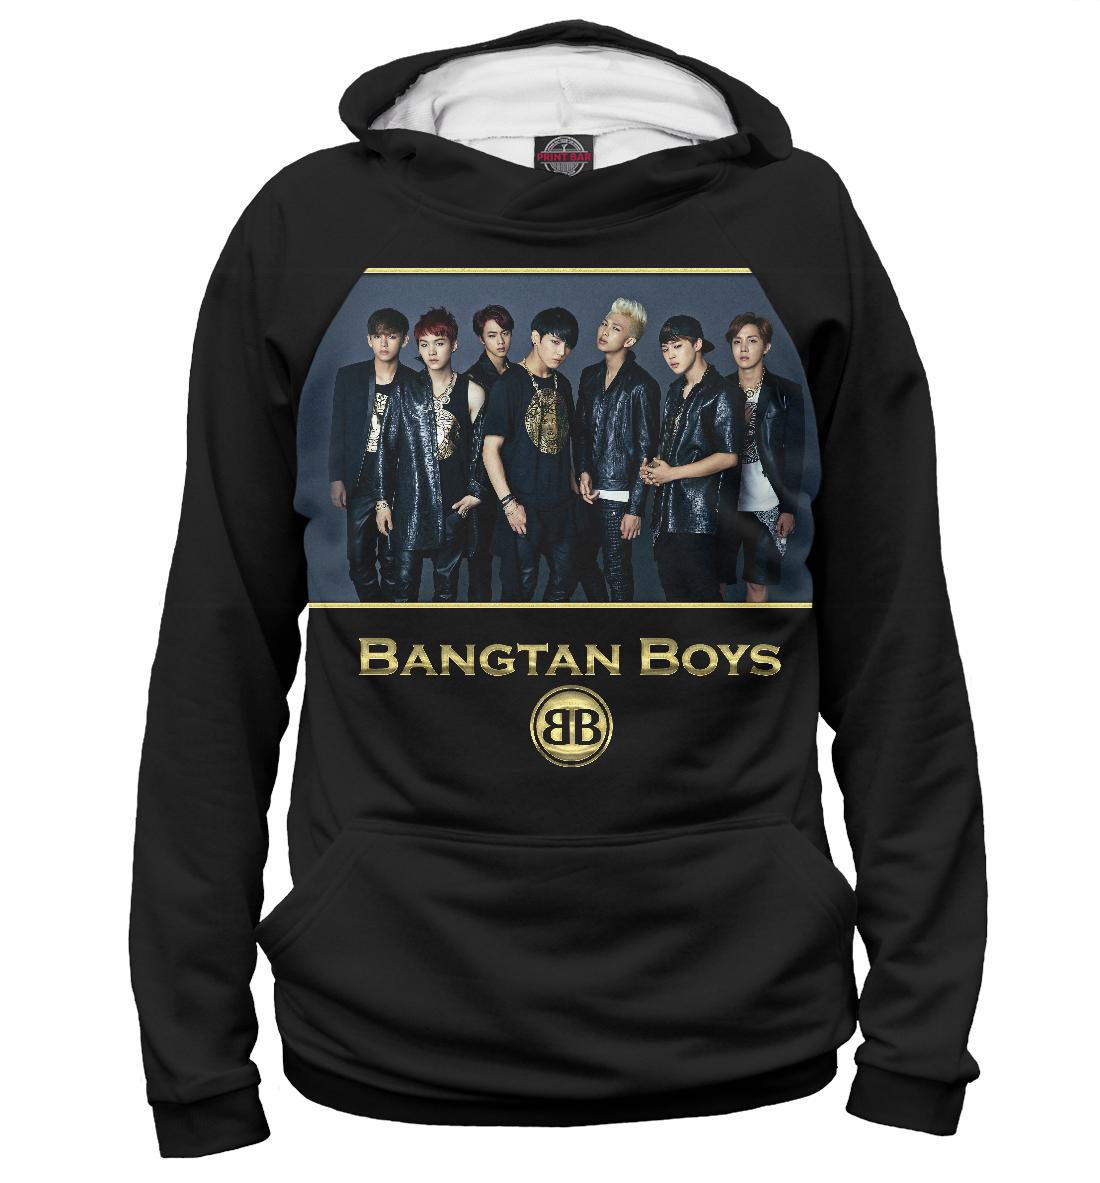 Купить Bangtang Boys (BTS), Printbar, Худи, KPP-281185-hud-1